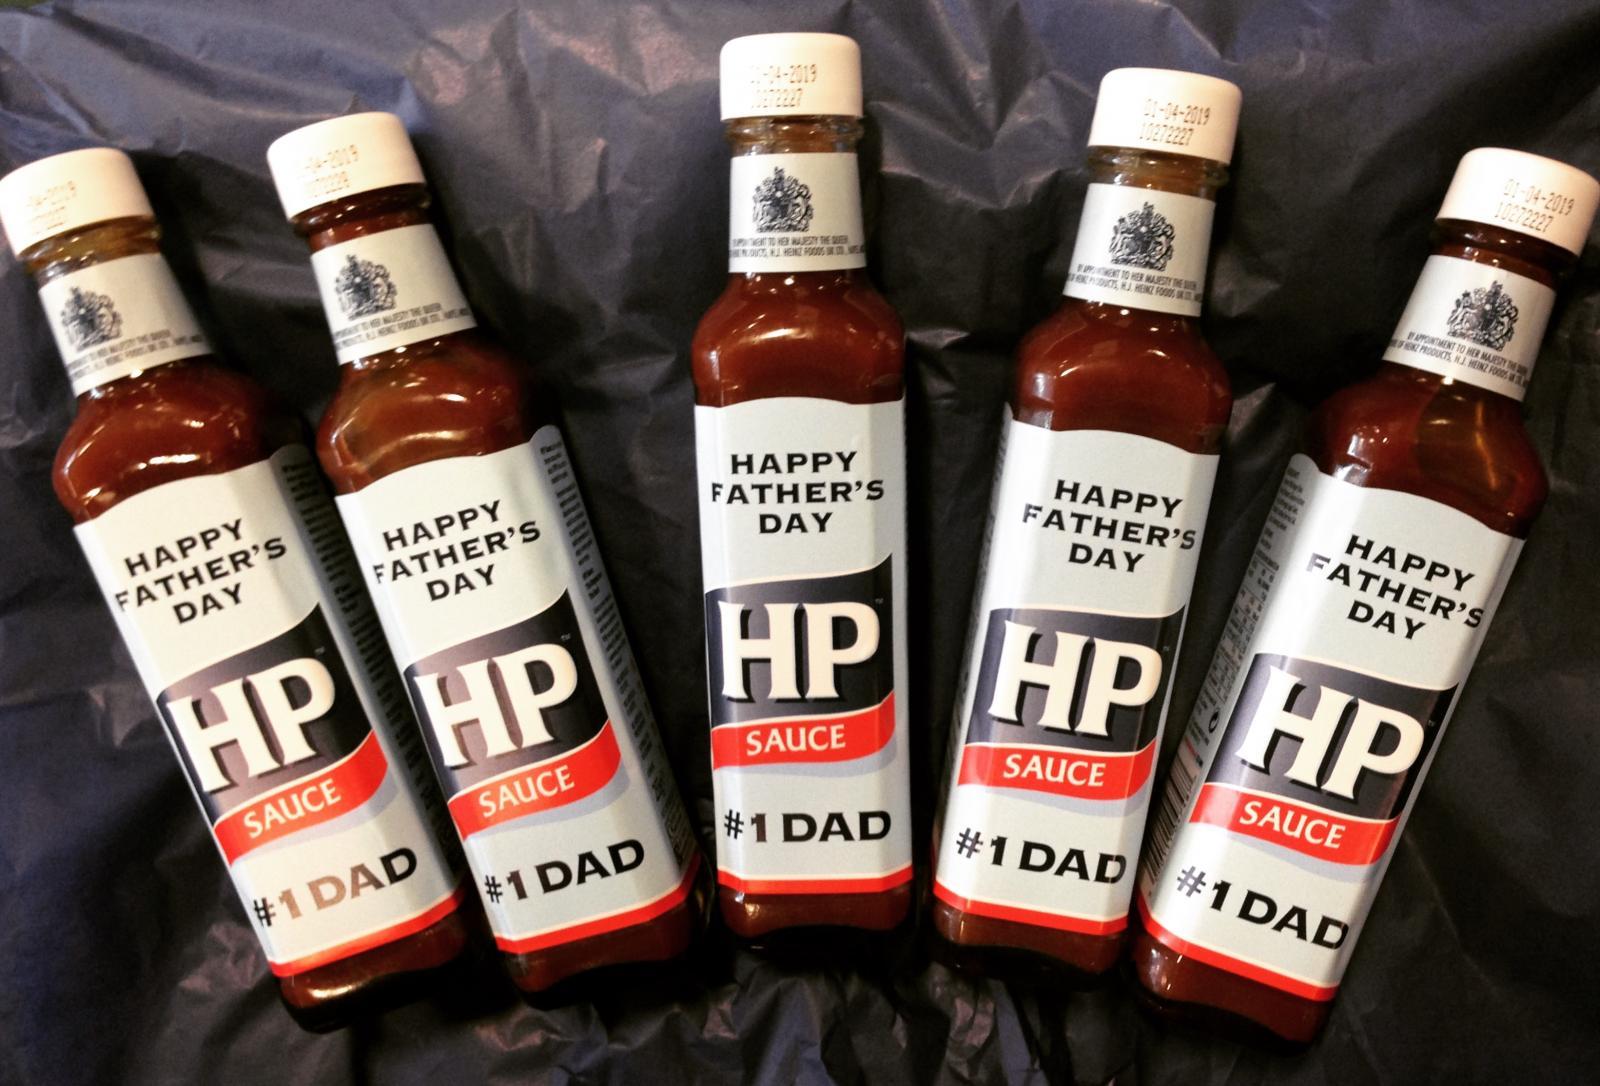 Heinz HP Sauce